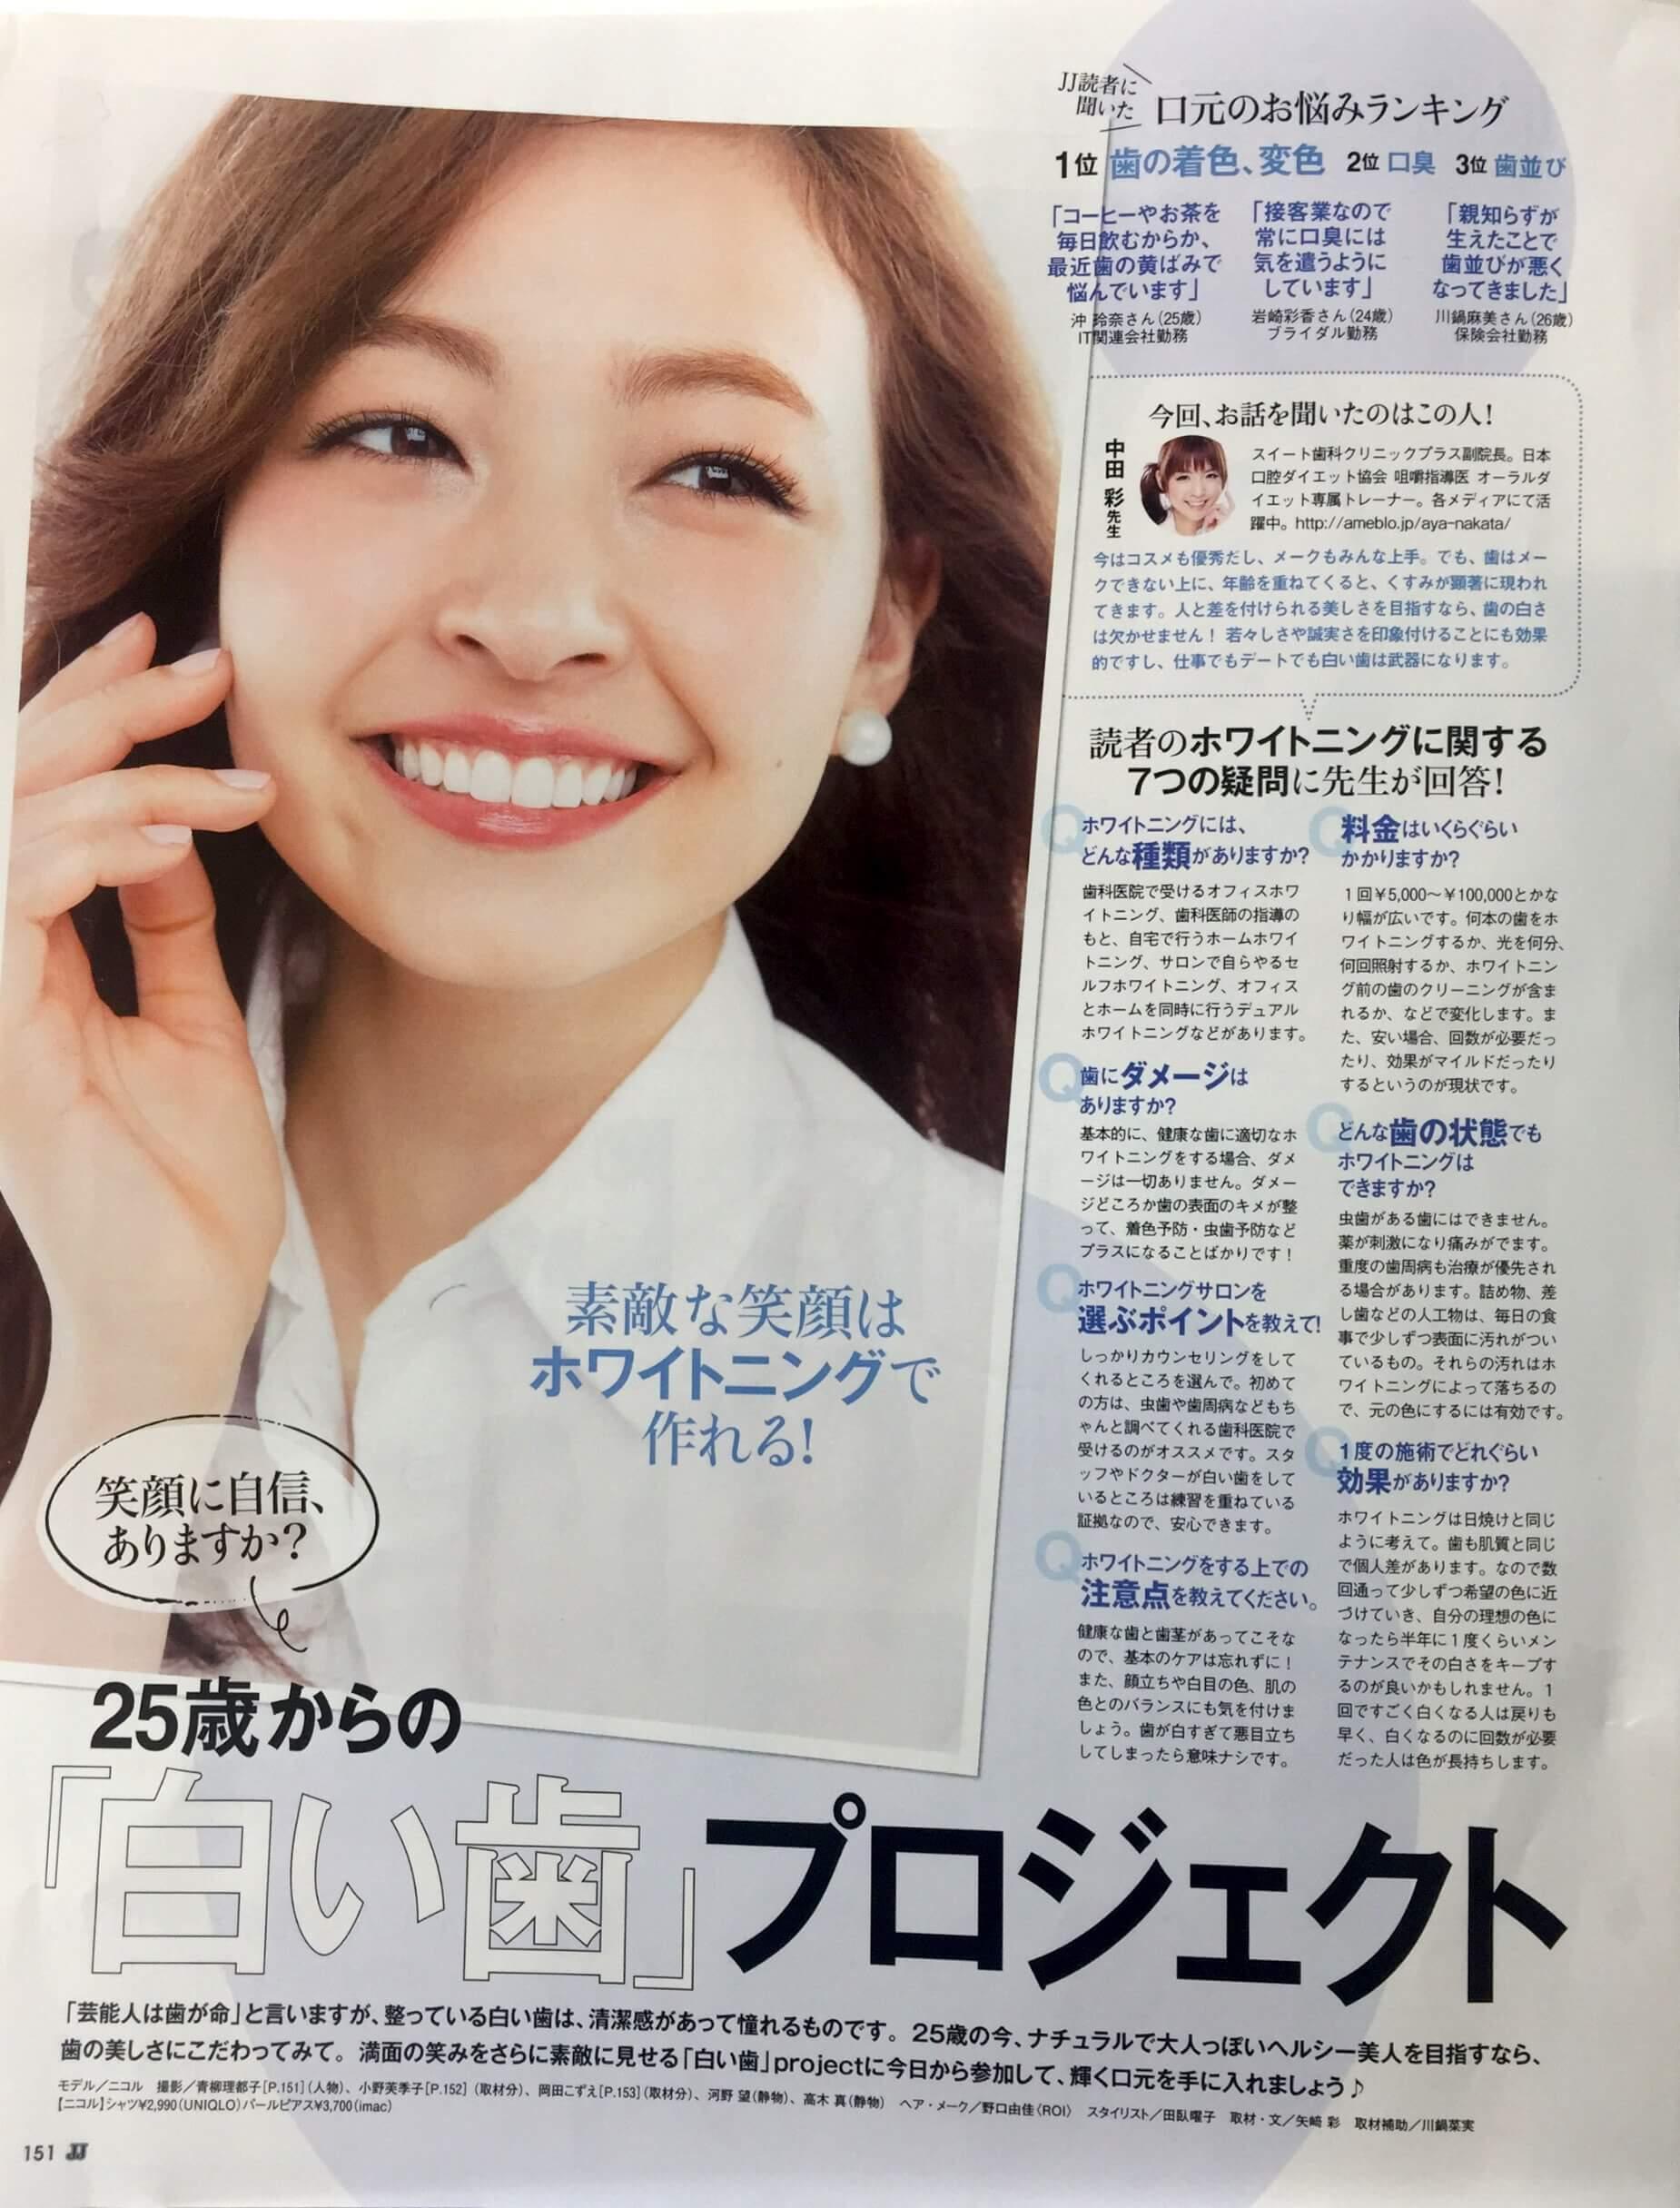 JJ4月号表紙,ホワイトニングバー掲載記事,白い歯プロジェクト